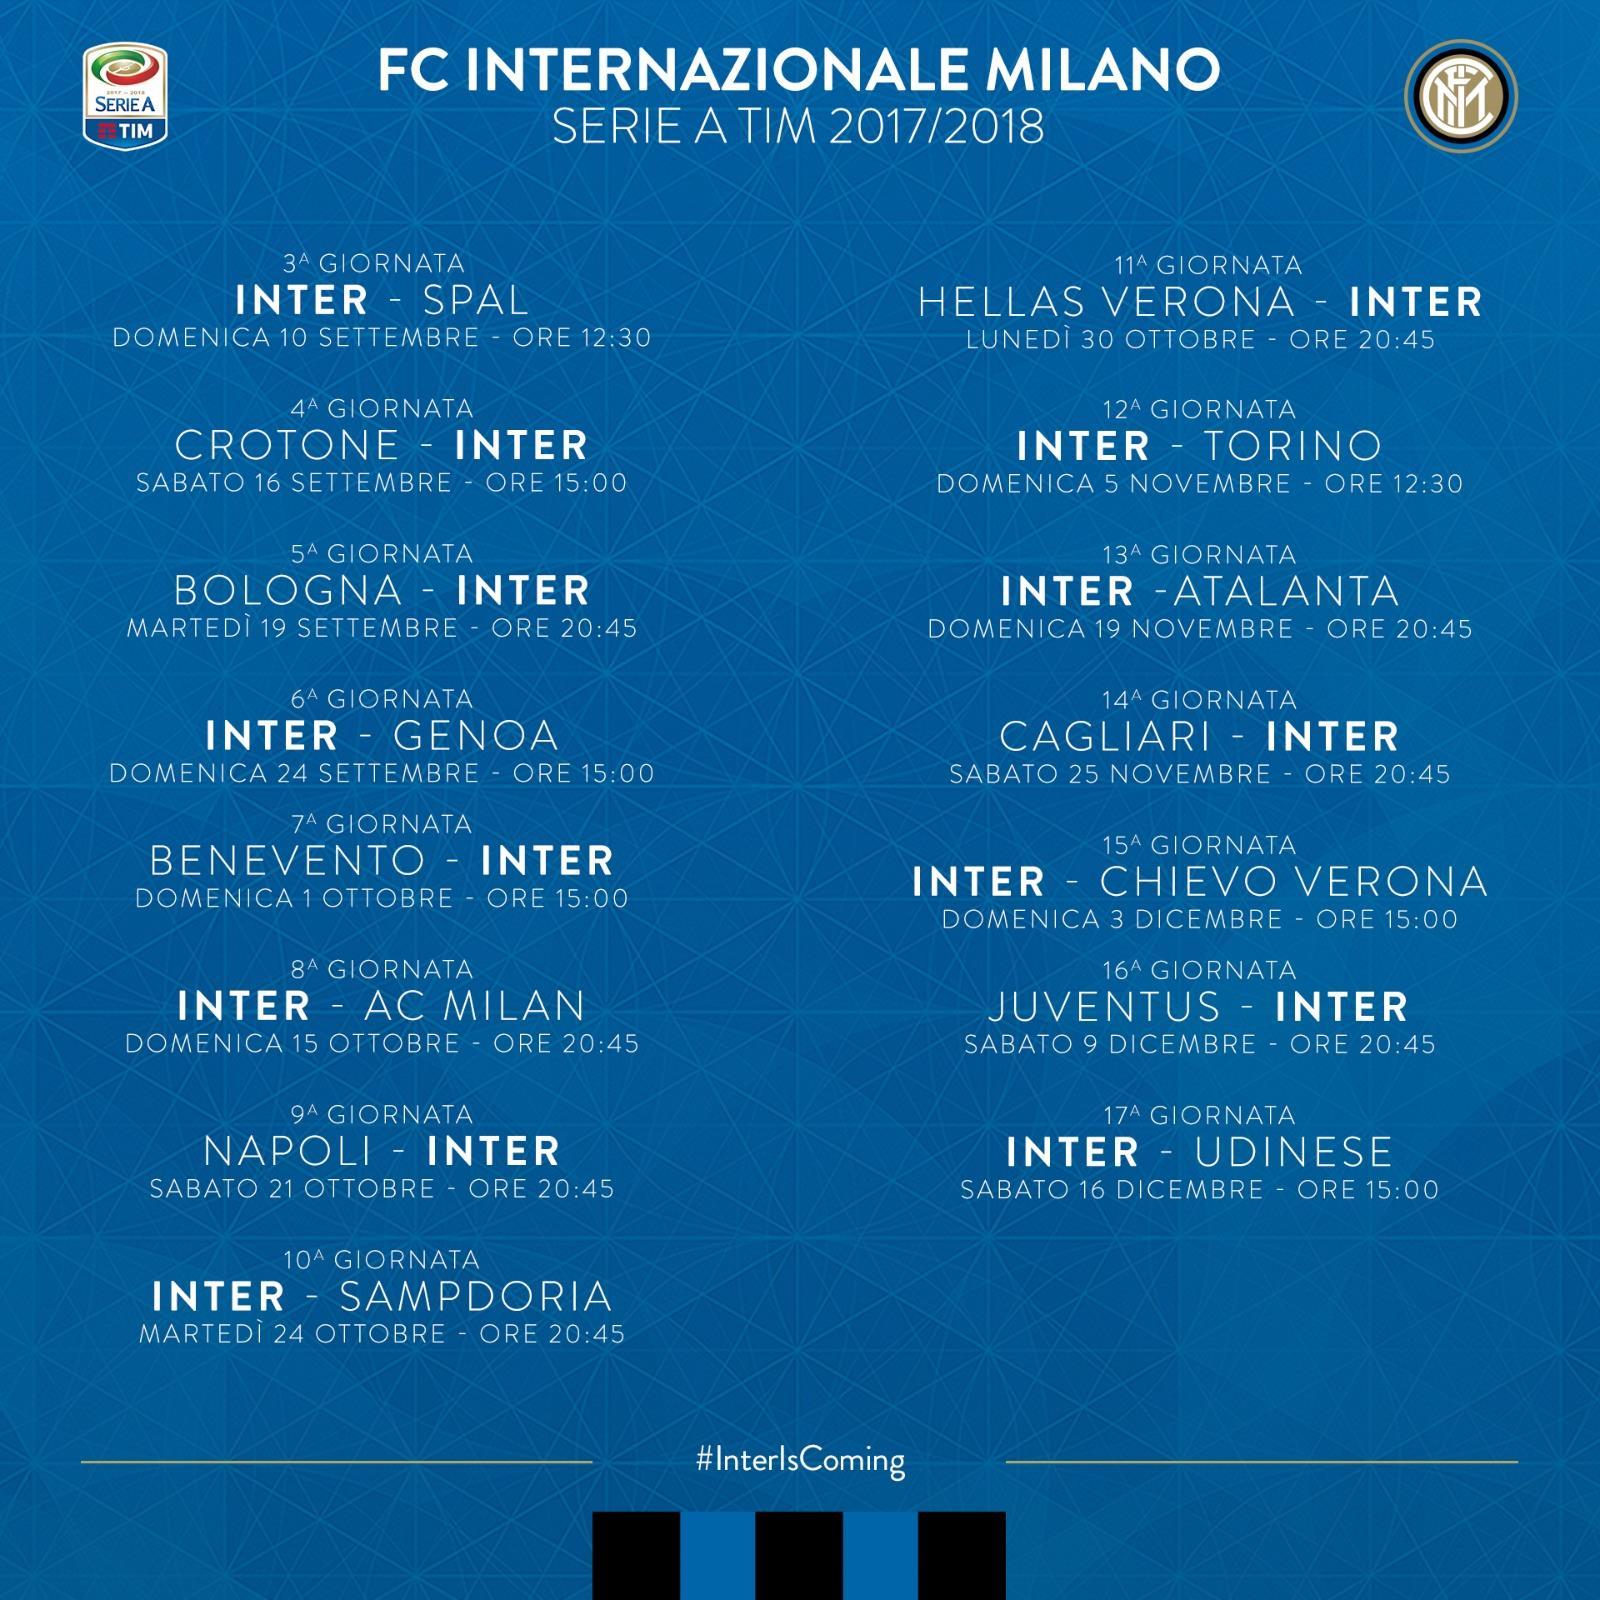 Calendario Serie A 16 Ottobre.Serie A Il Calendario Nerazzurro Fino Alla 17 Giornata